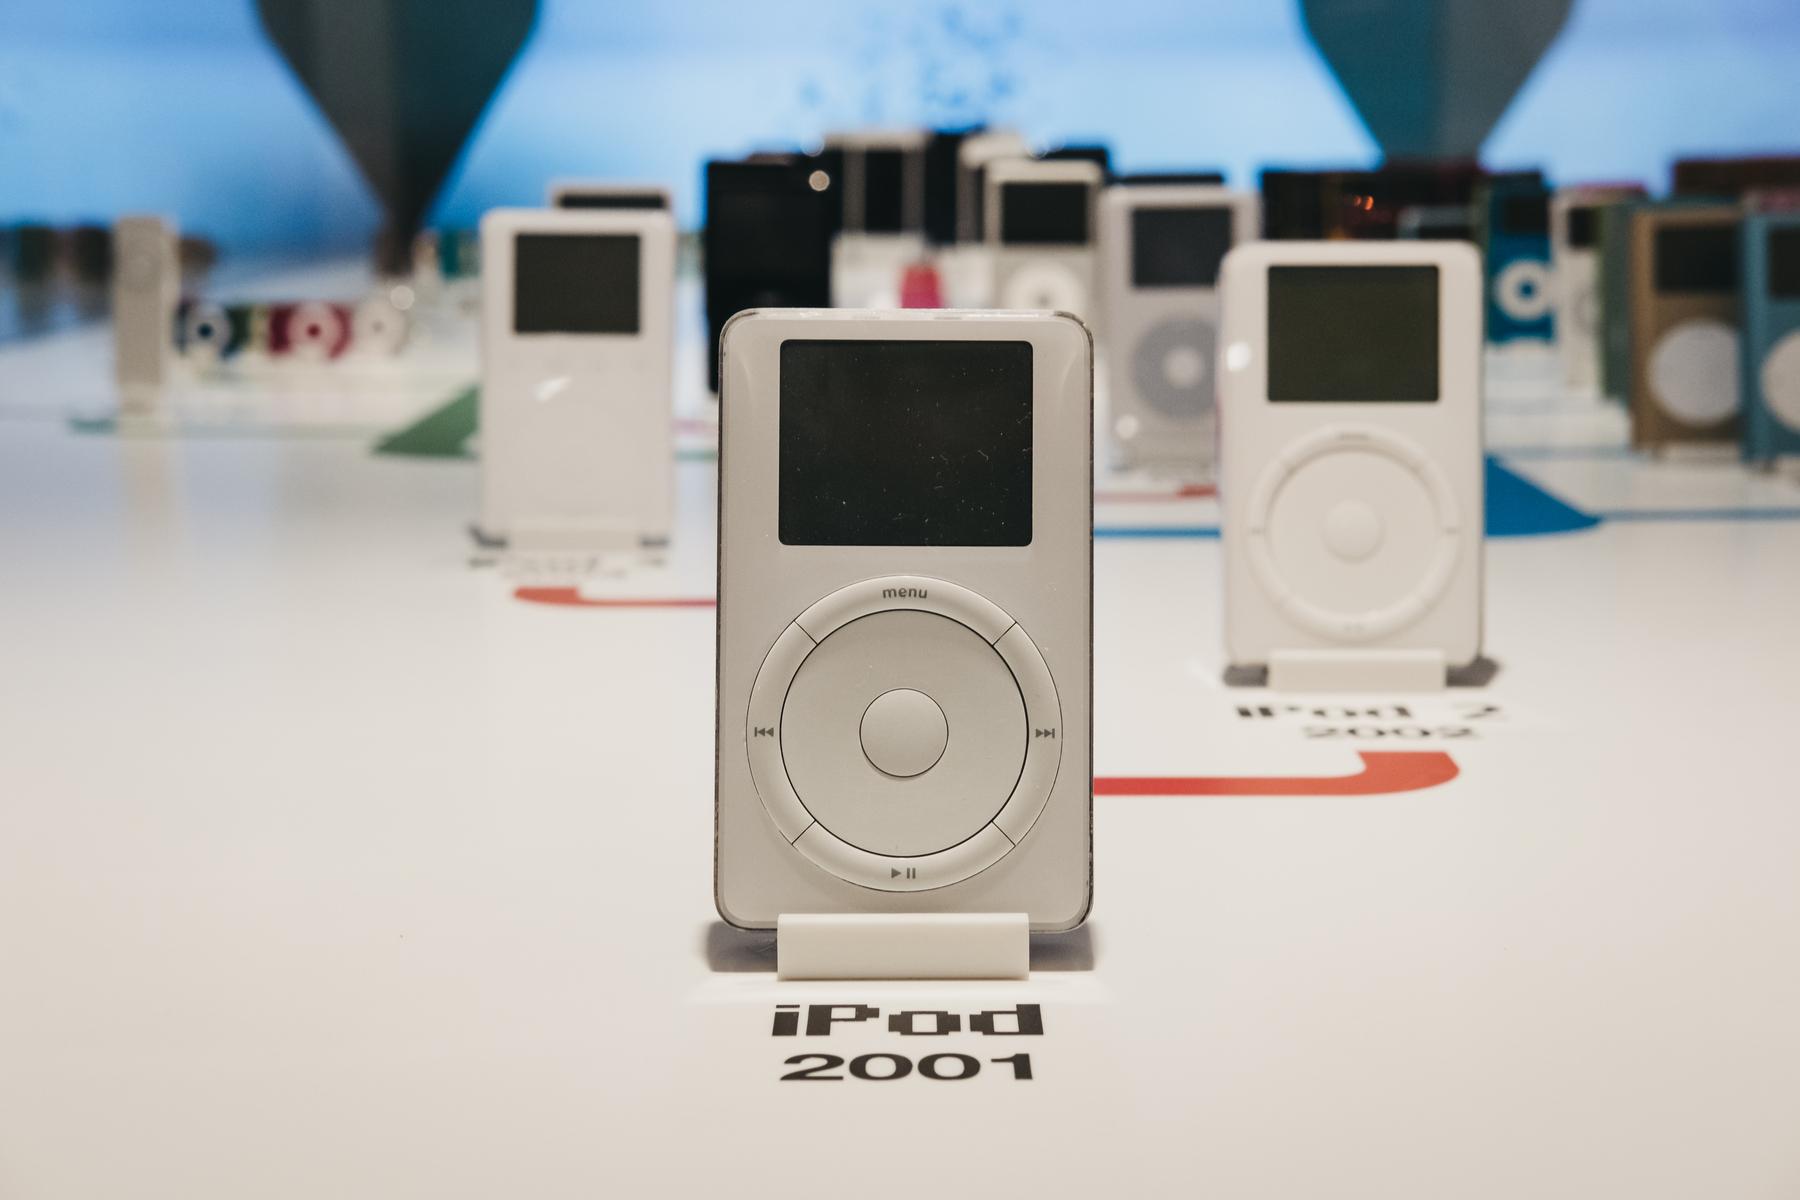 初代iPod仅仅10个月就开发成功